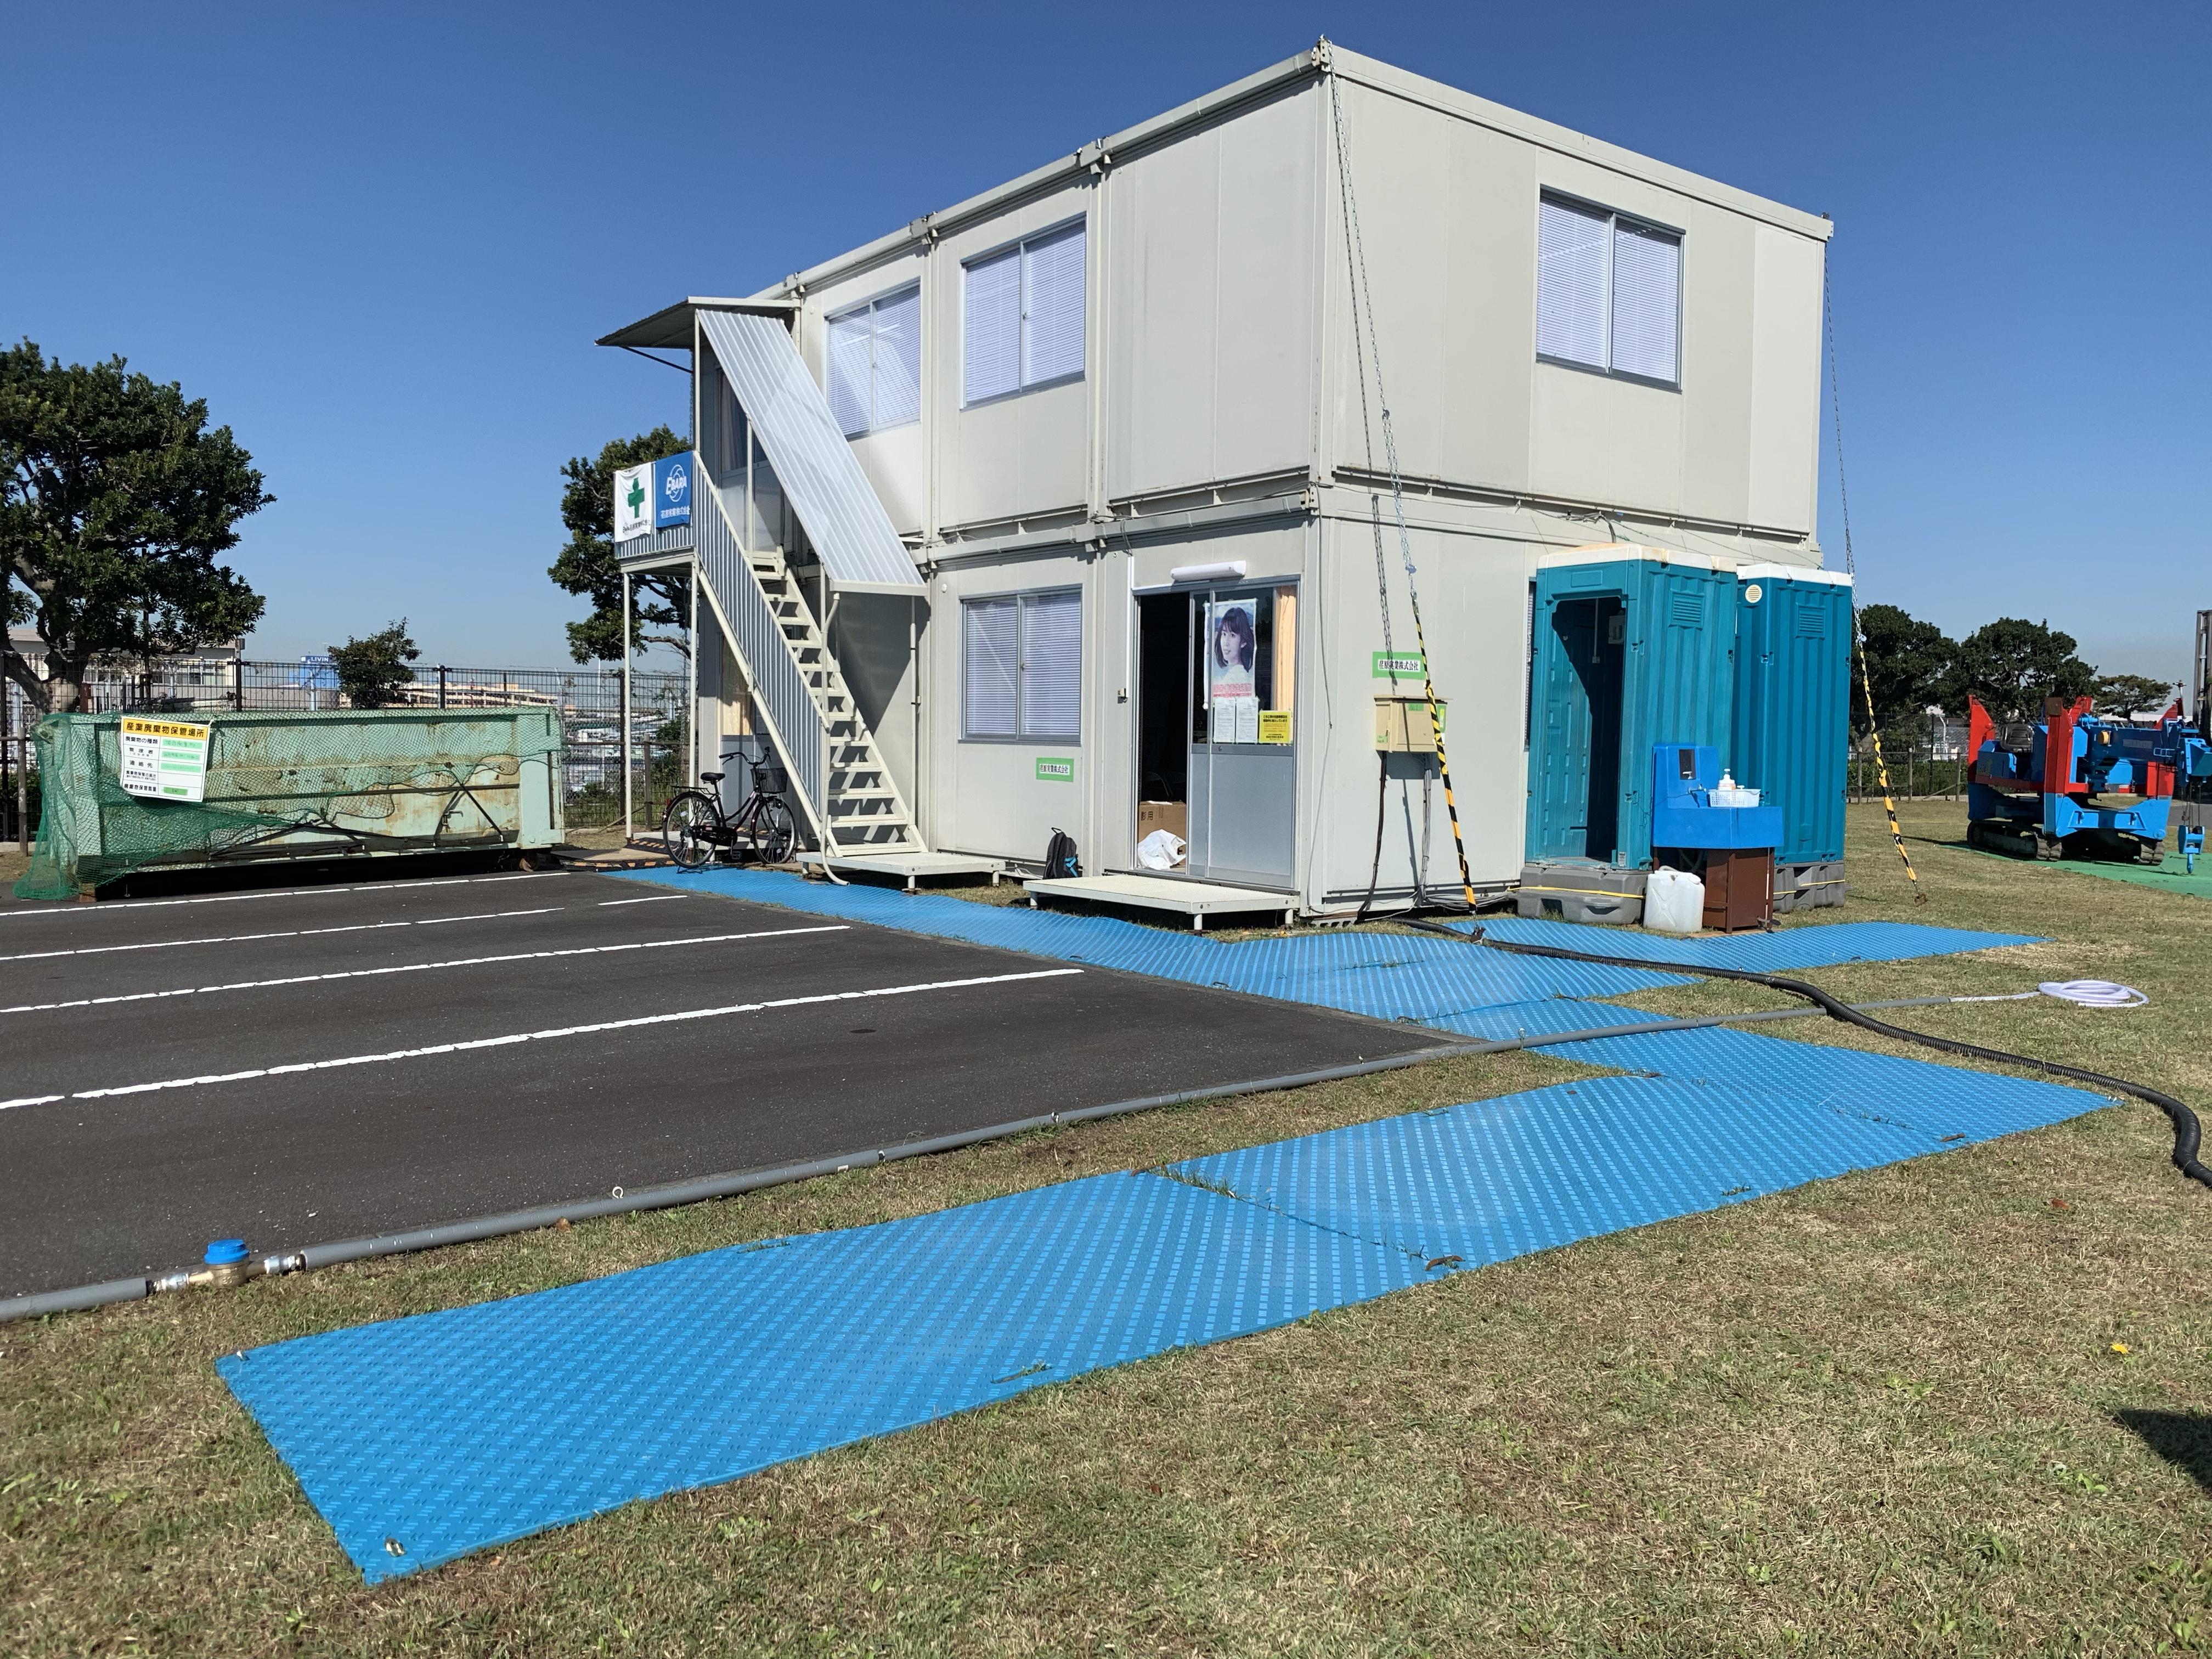 芝生の上に現場事務所を設置。芝生の損傷防止に樹脂敷板を利用